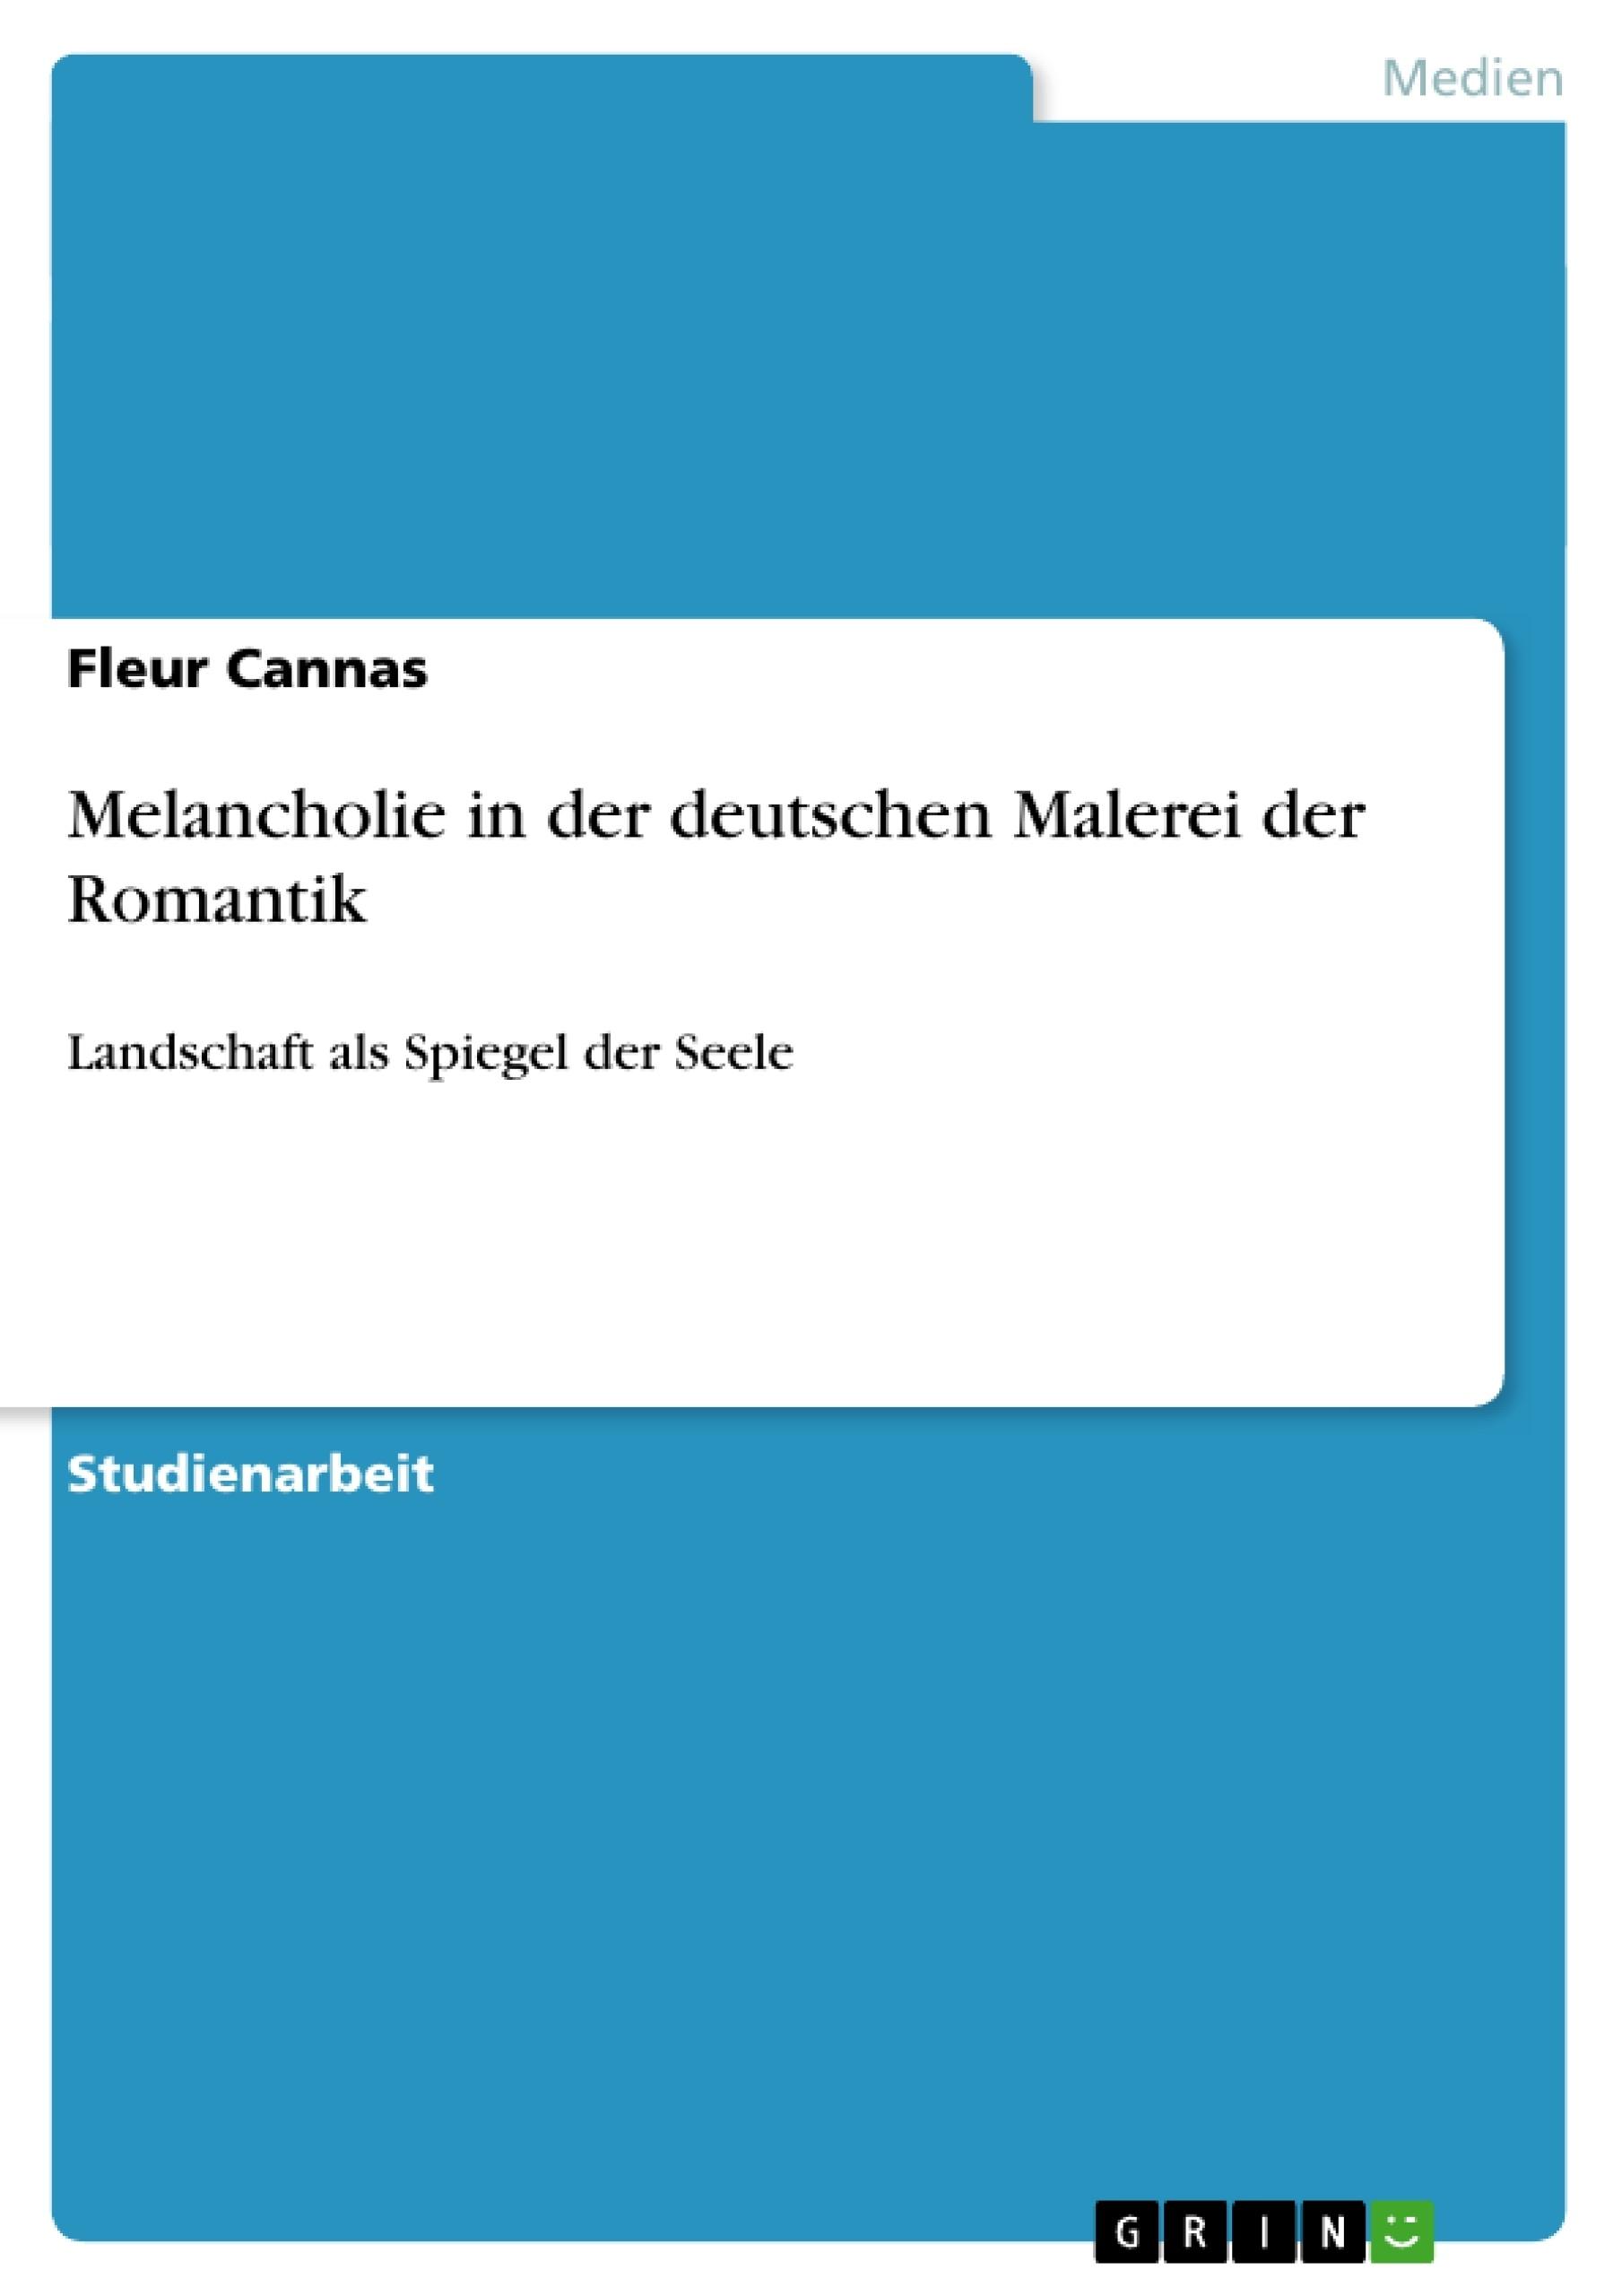 Titel: Melancholie in der deutschen Malerei der Romantik